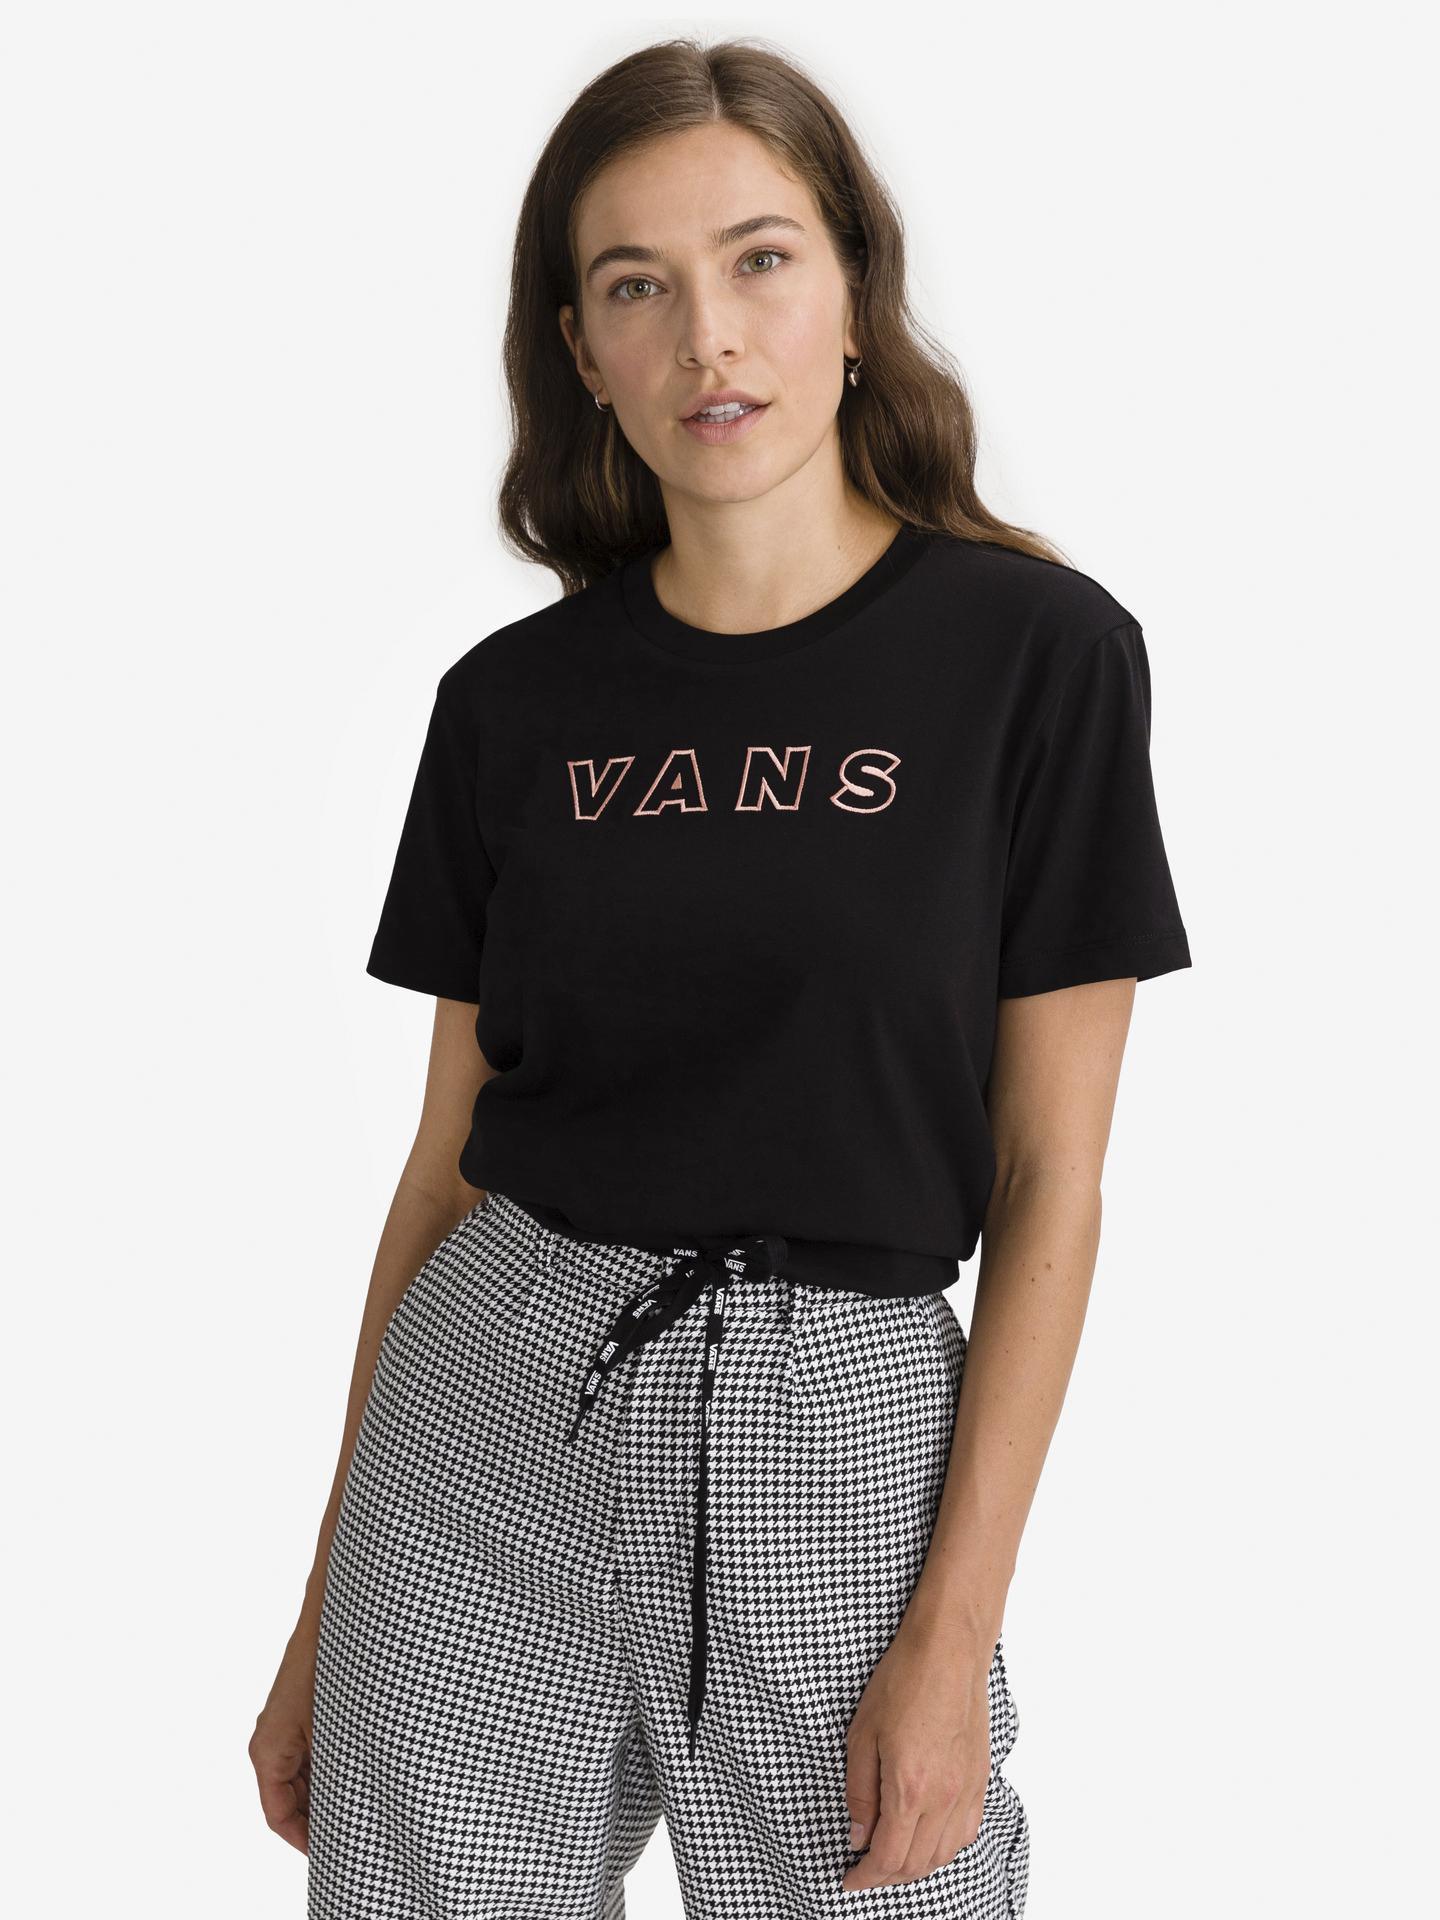 Vans czarny koszulka Well Suited